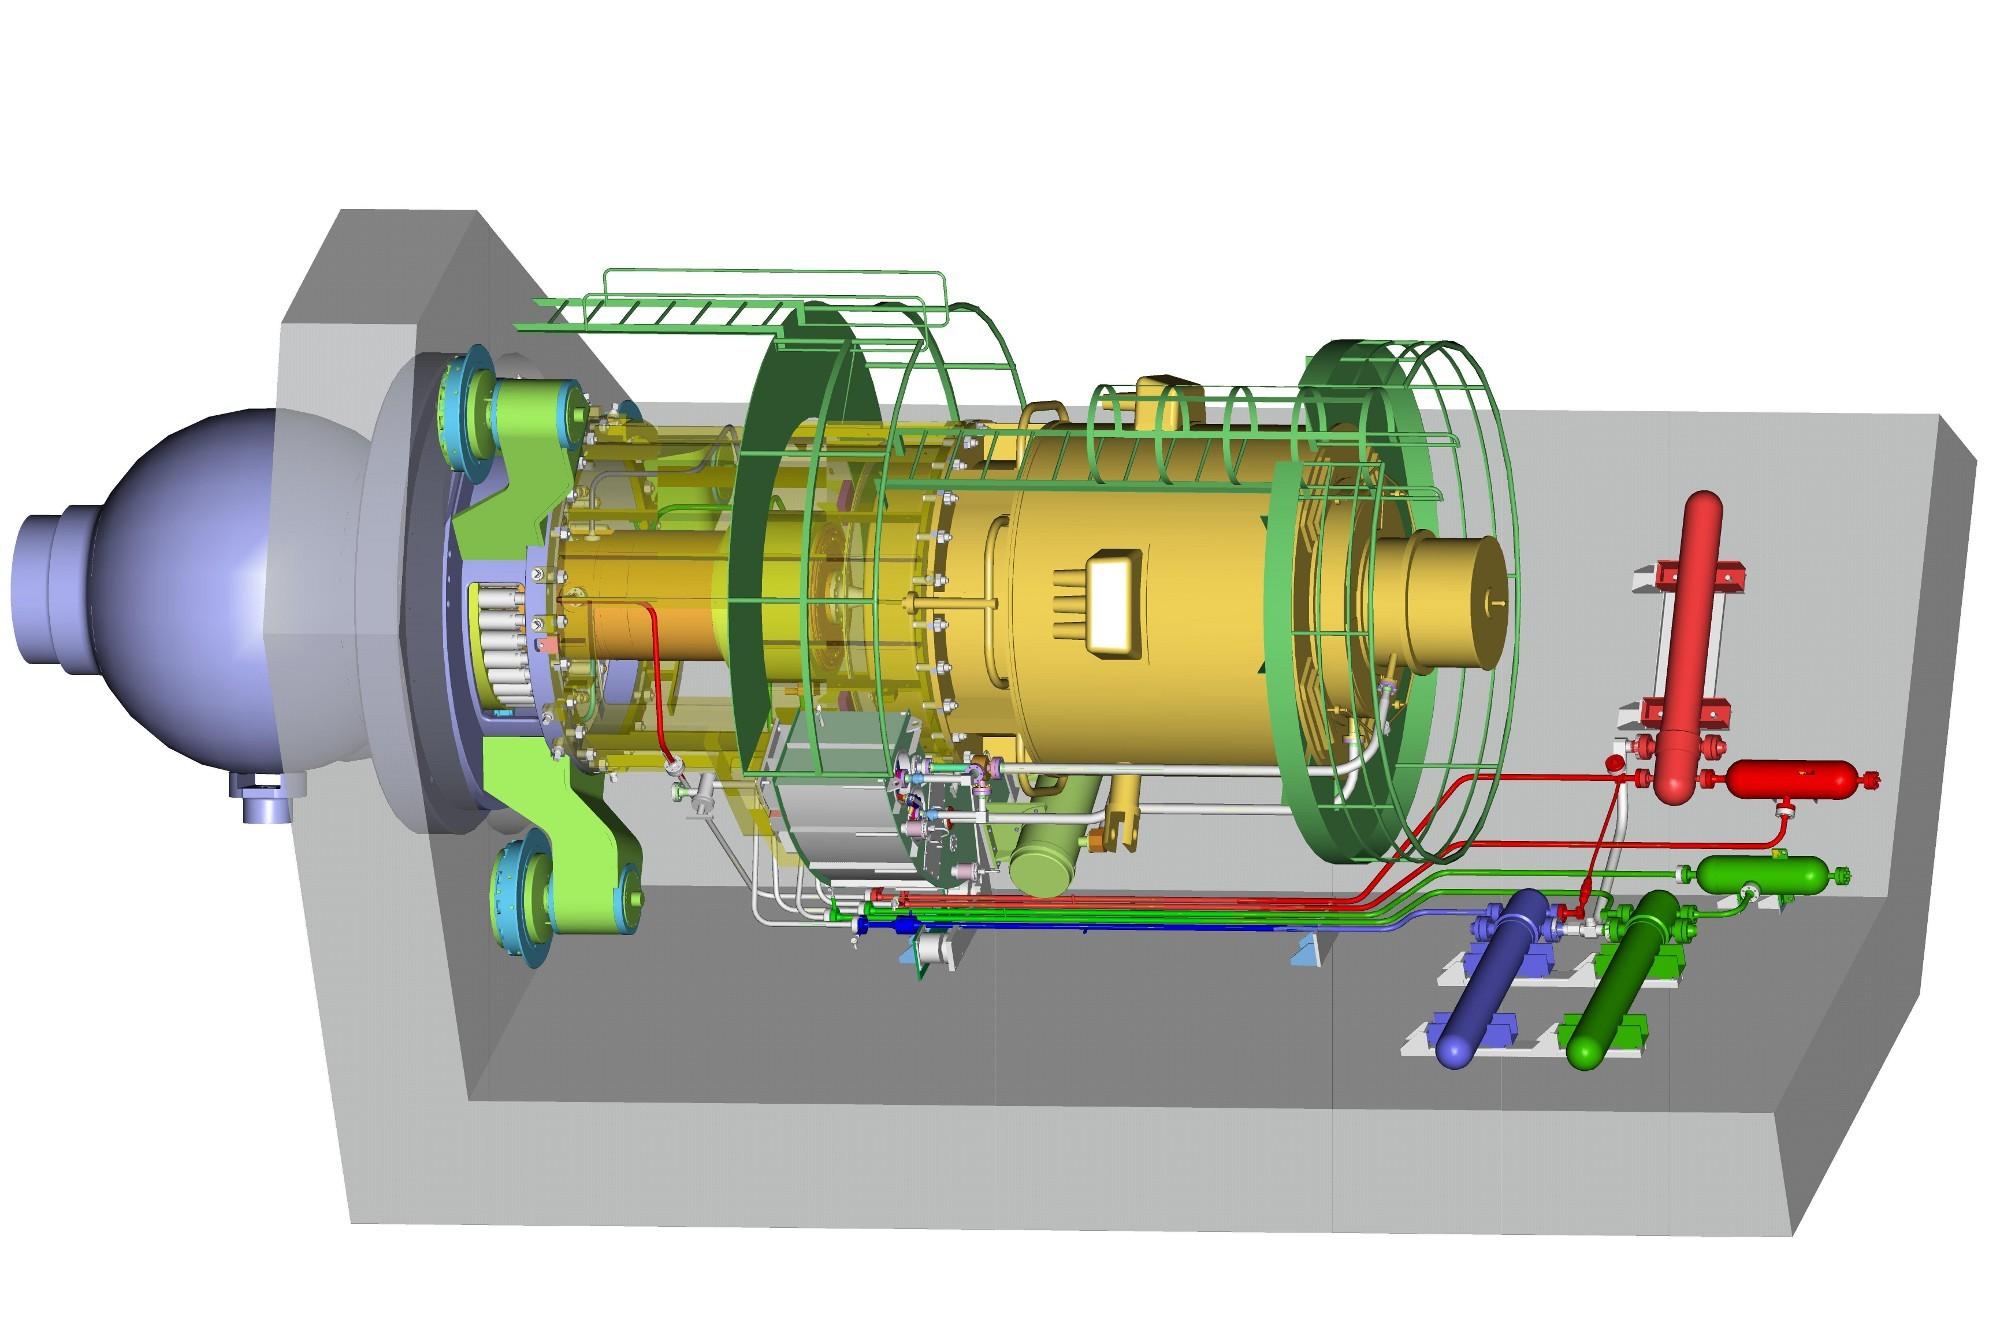 циркуляционный насос гцна-1391 для атомных электростанций аэс